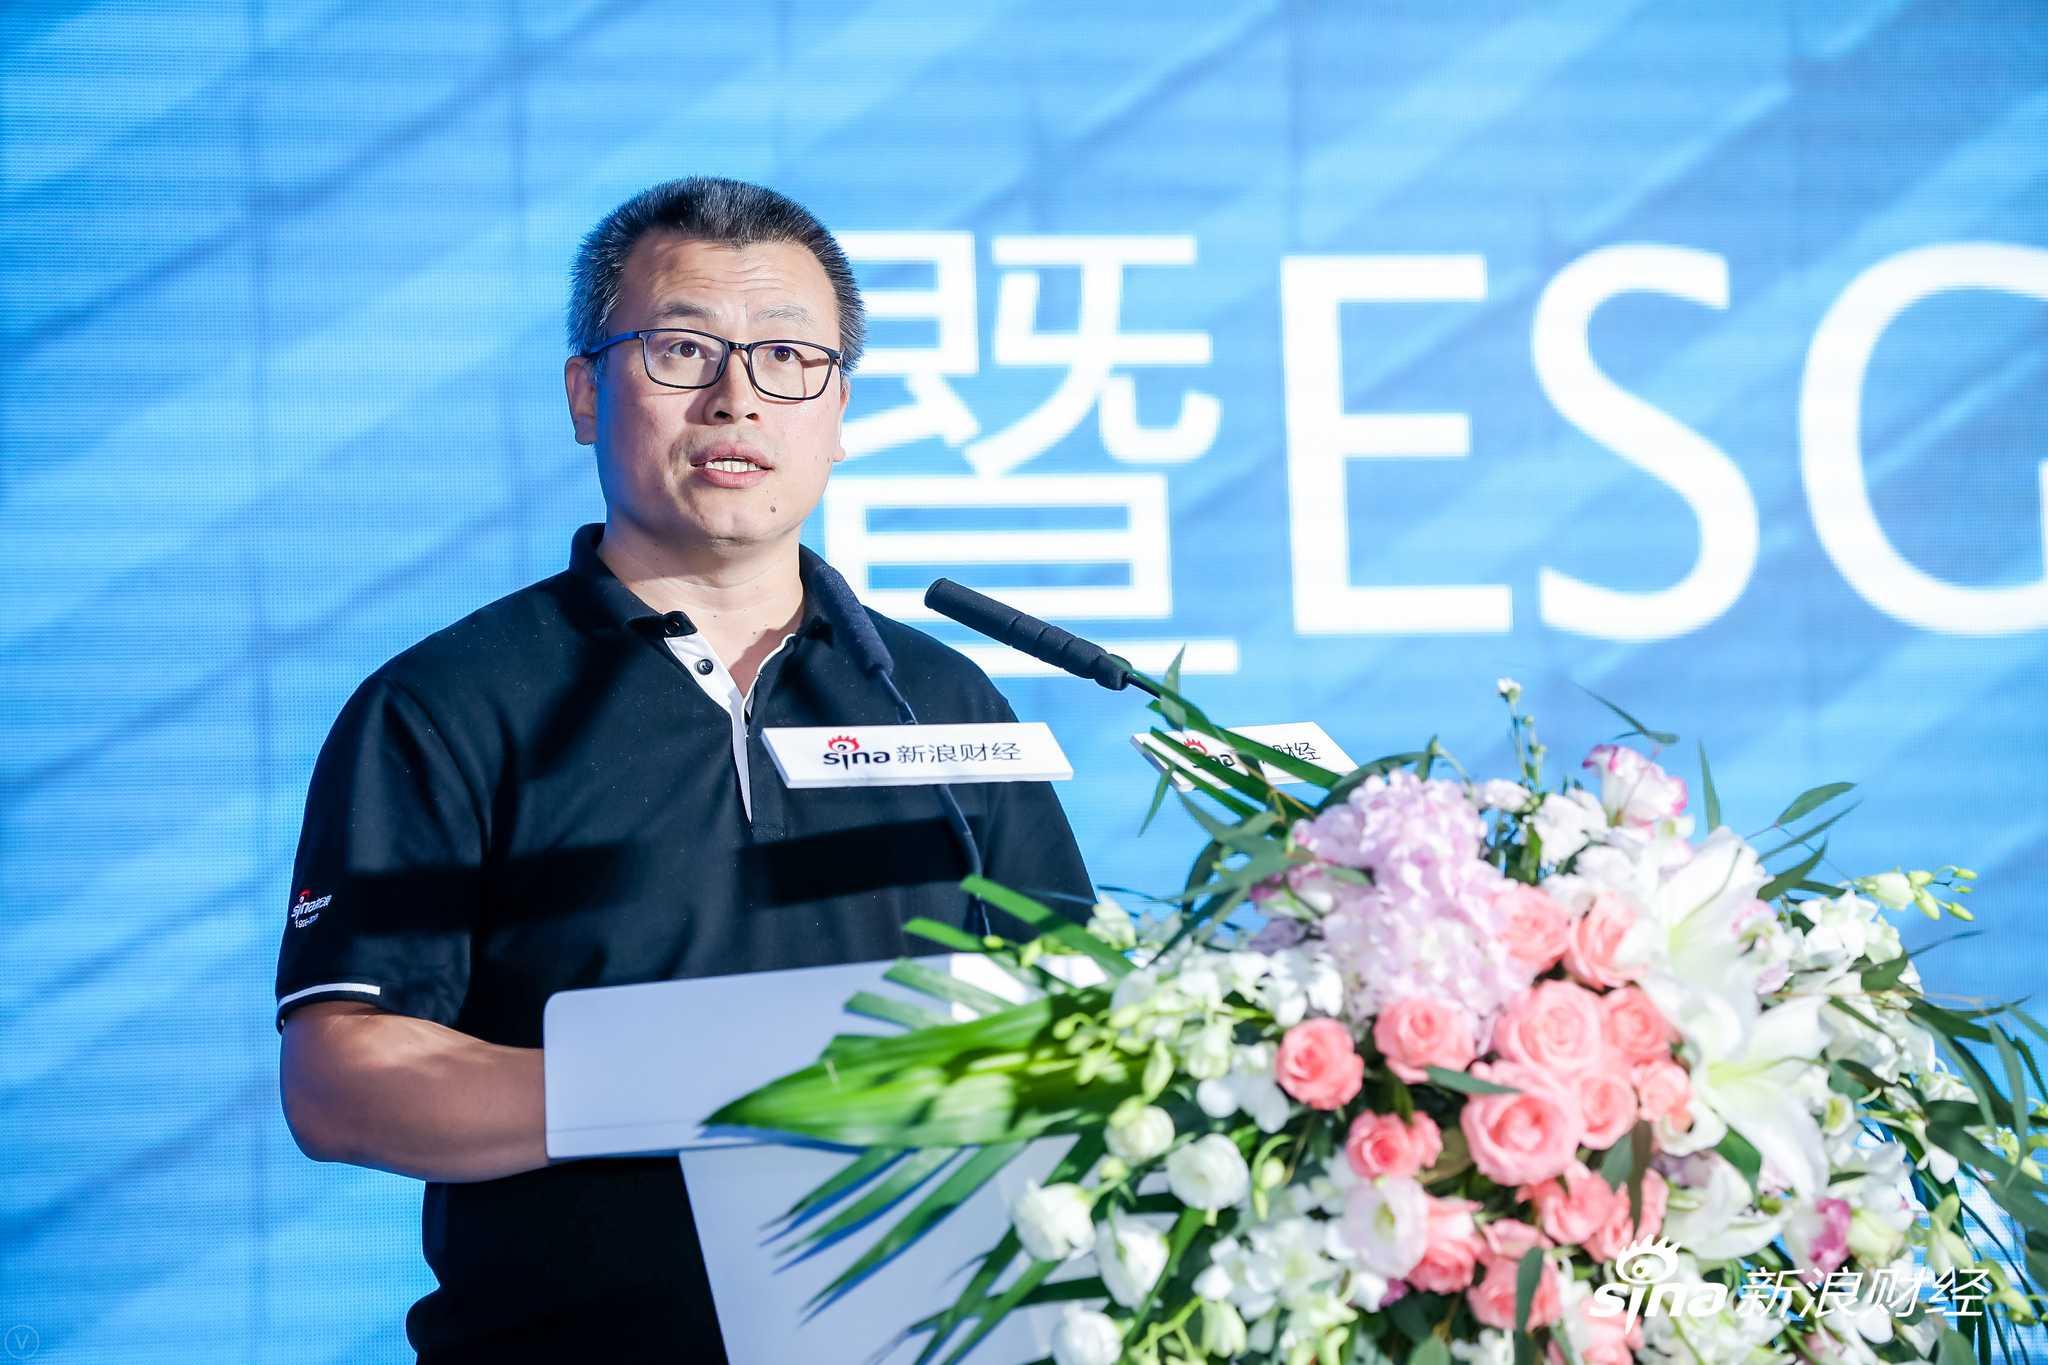 助力责任投资 新浪财经ESG频道及系列指数上线